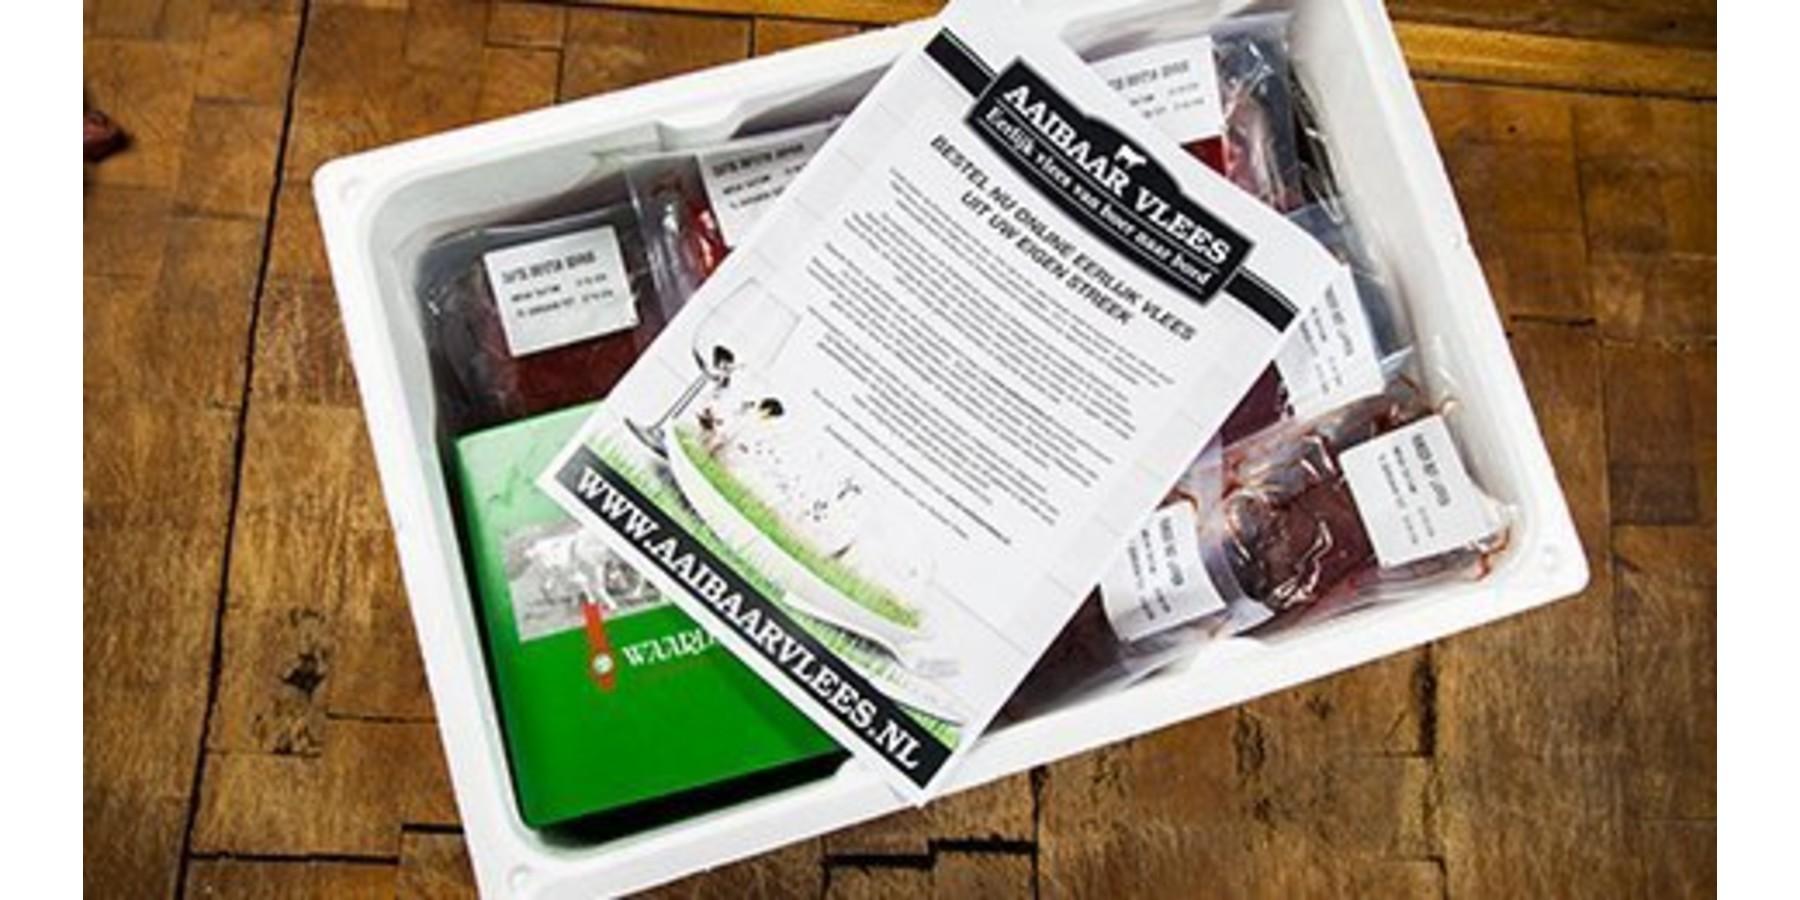 Waardse boerderij kip proef box 4